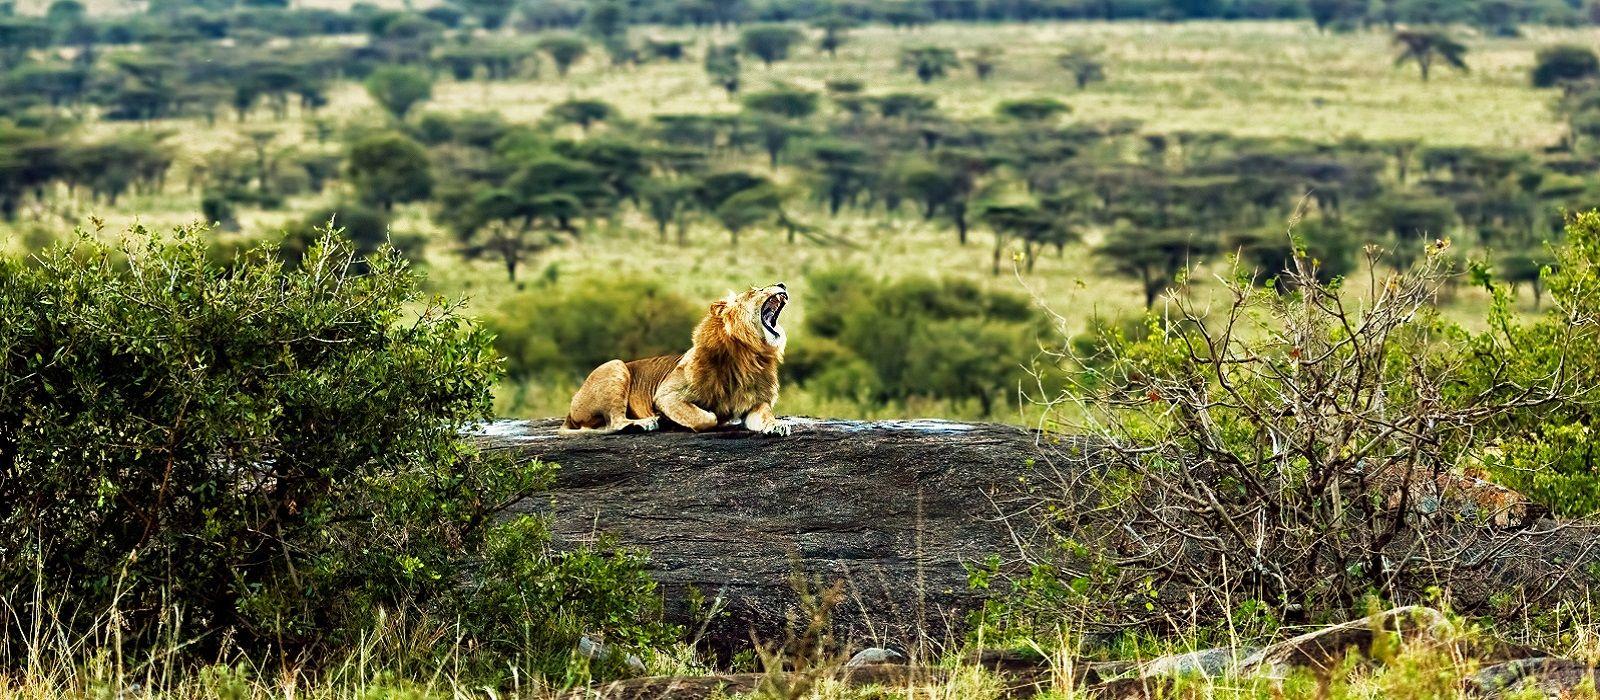 Lakeside Luxury and Wildlife in Tanzania Tour Trip 4